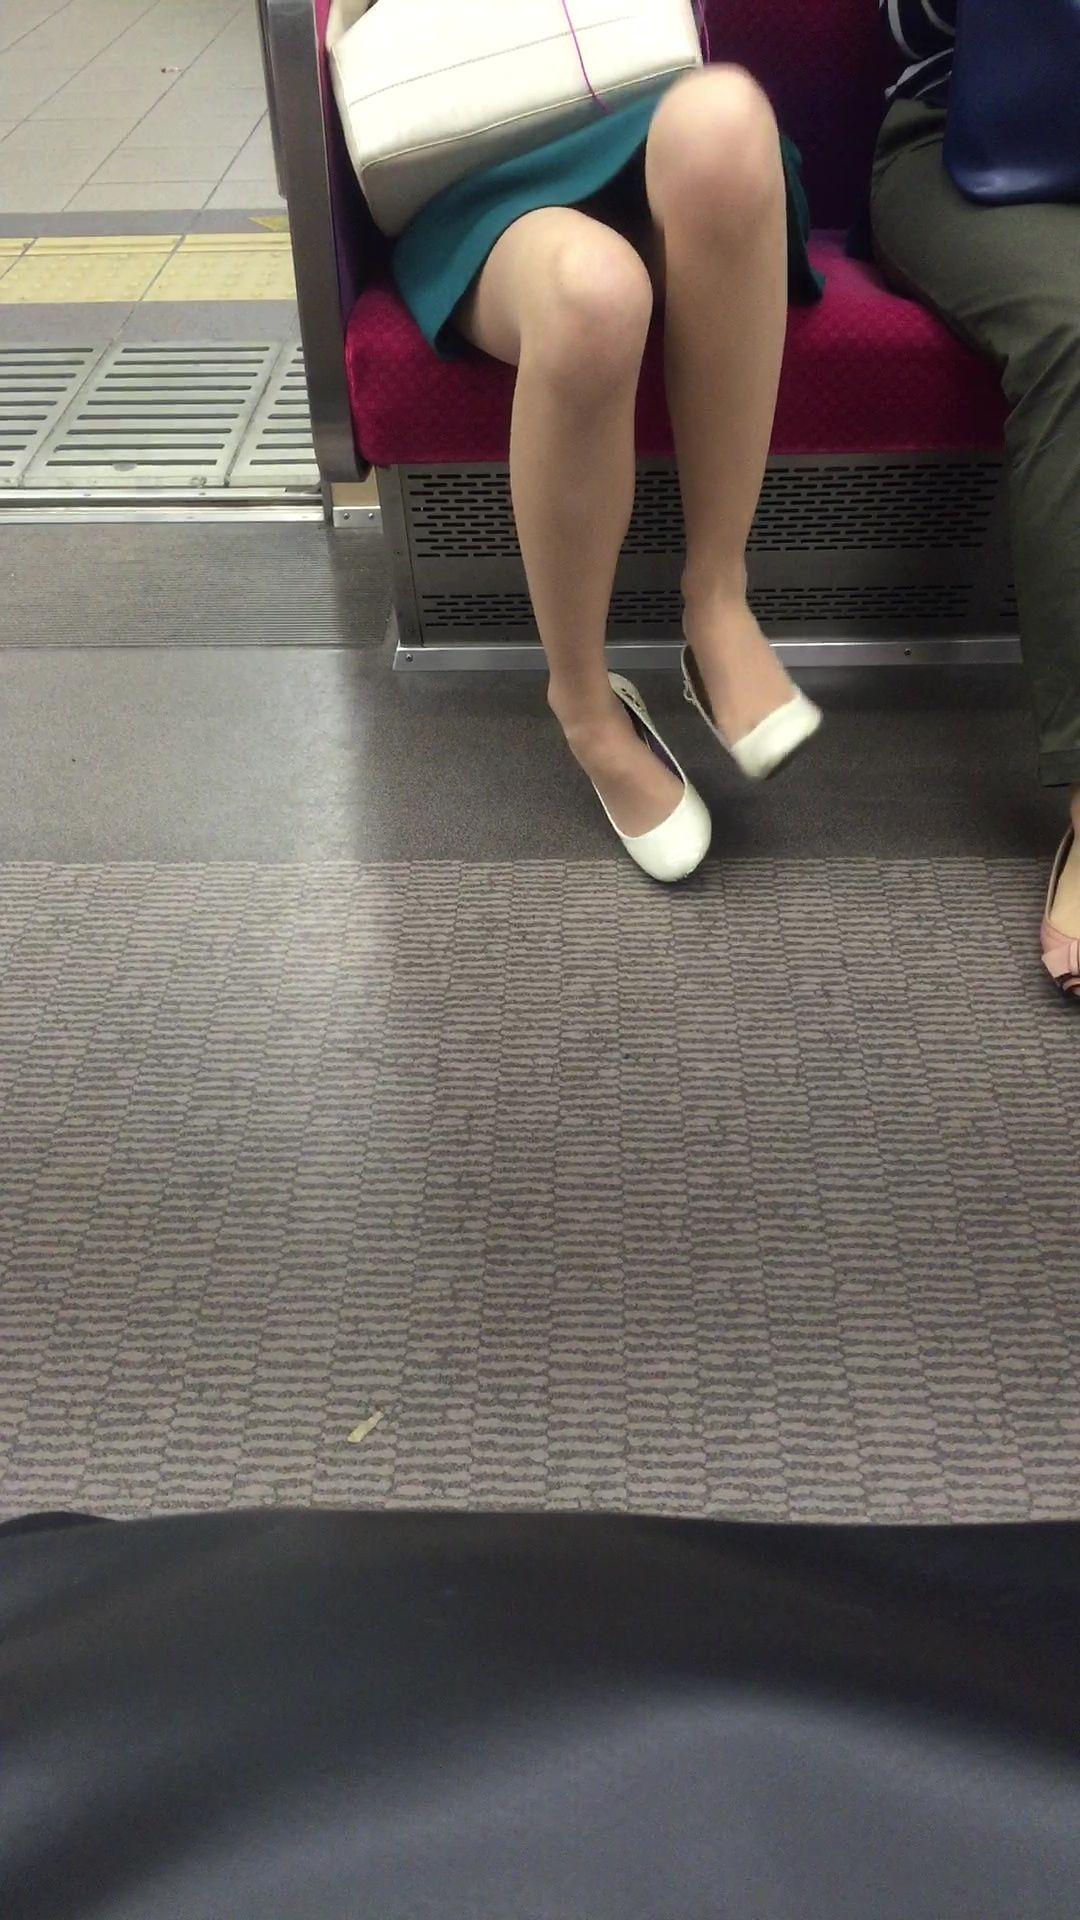 【美脚&チラリズムエロ画像】パンツ見えずとも諦めない!電車の対面から美脚チェックwww 27